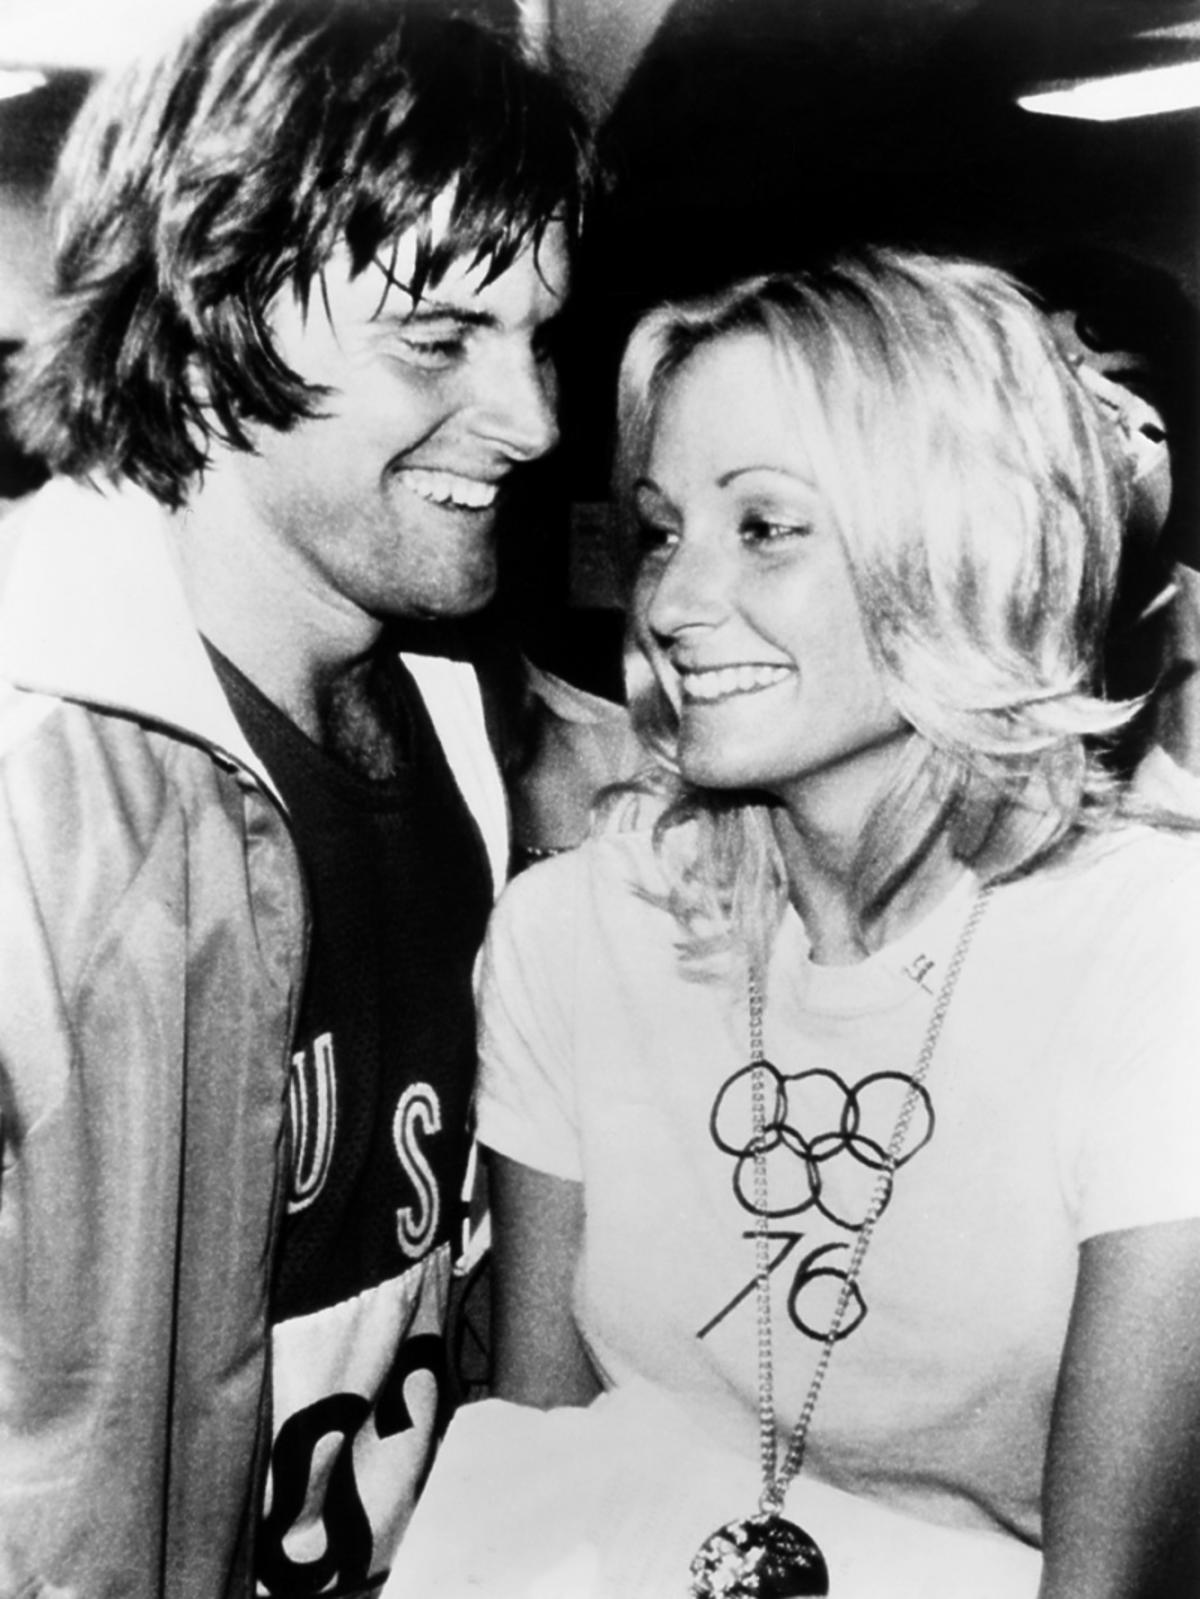 Bruce Jenner z pierwszą żoną patrzą sobie w oczy, zdjęcie czarno białe